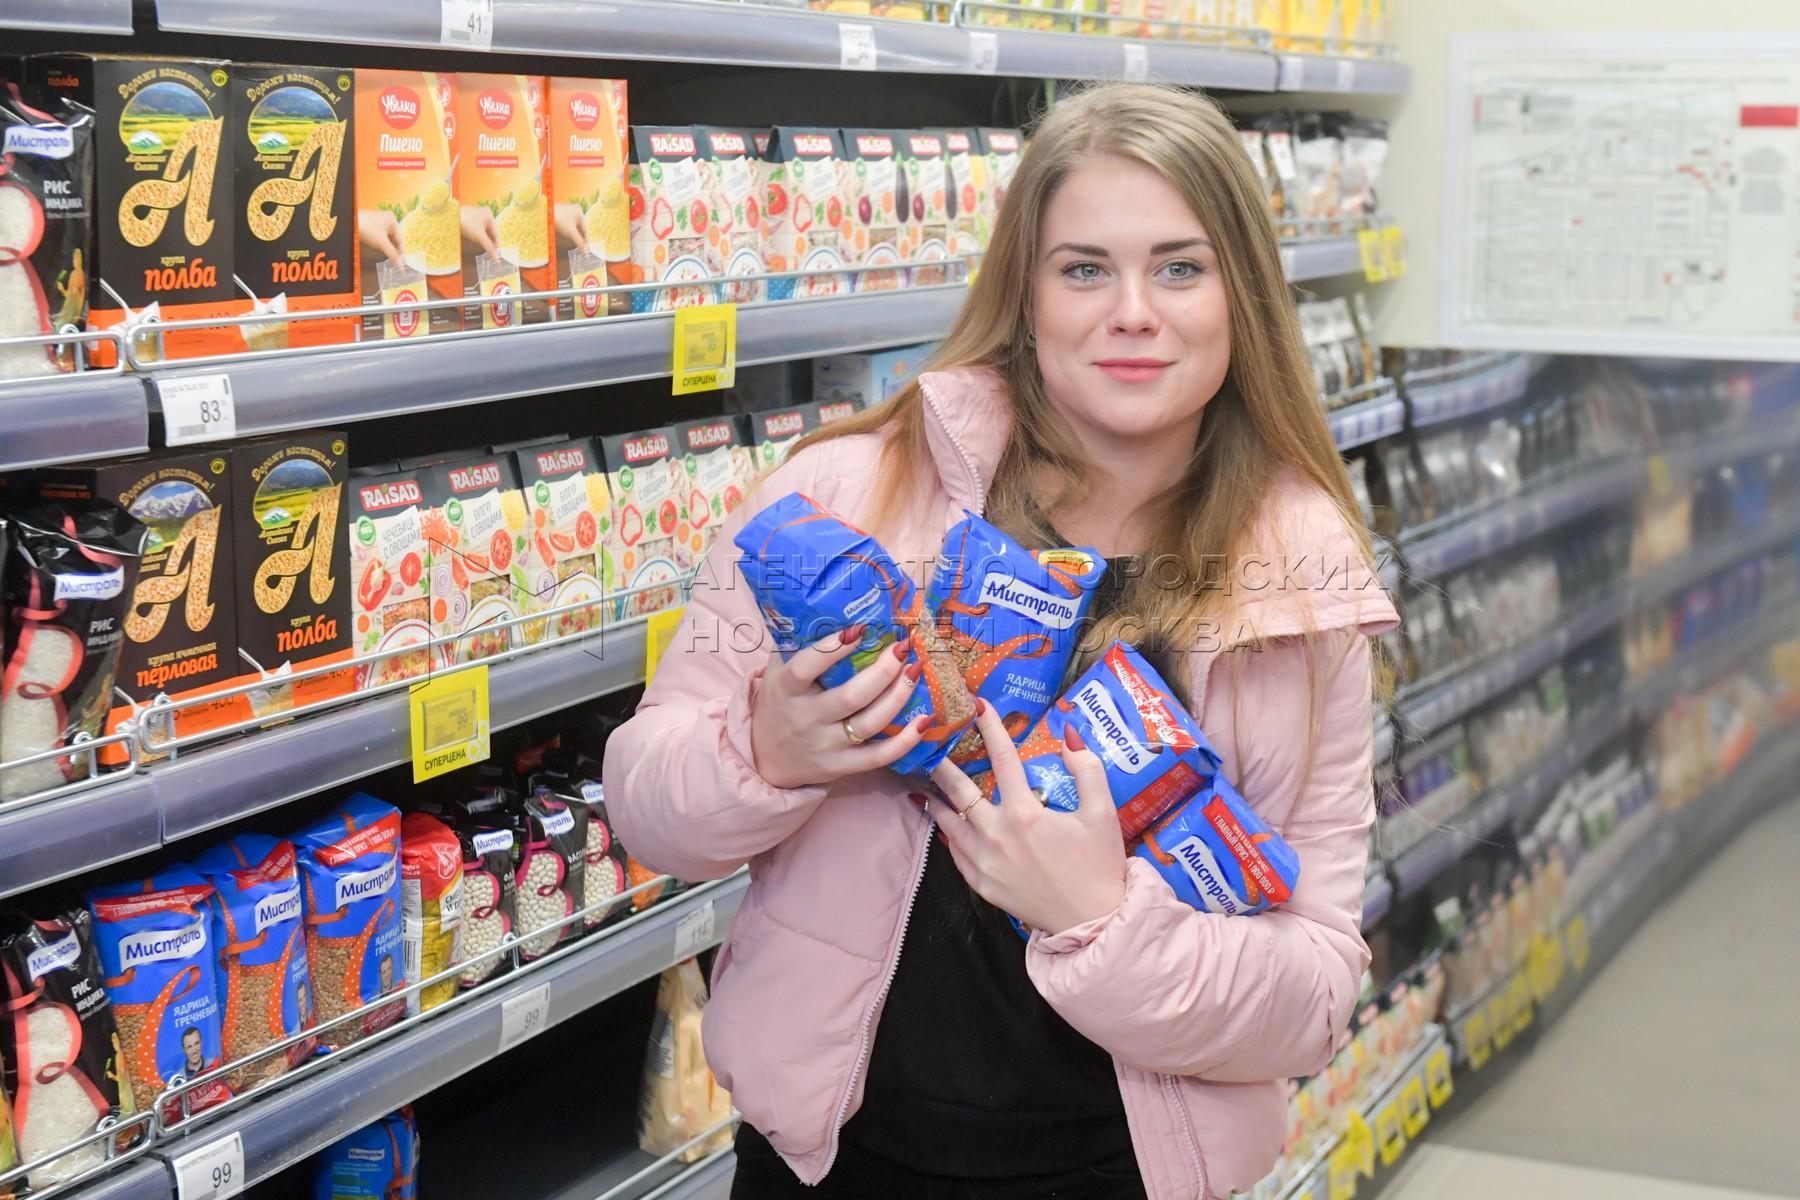 Покупка продуктов в магазине сети супермаркетов.